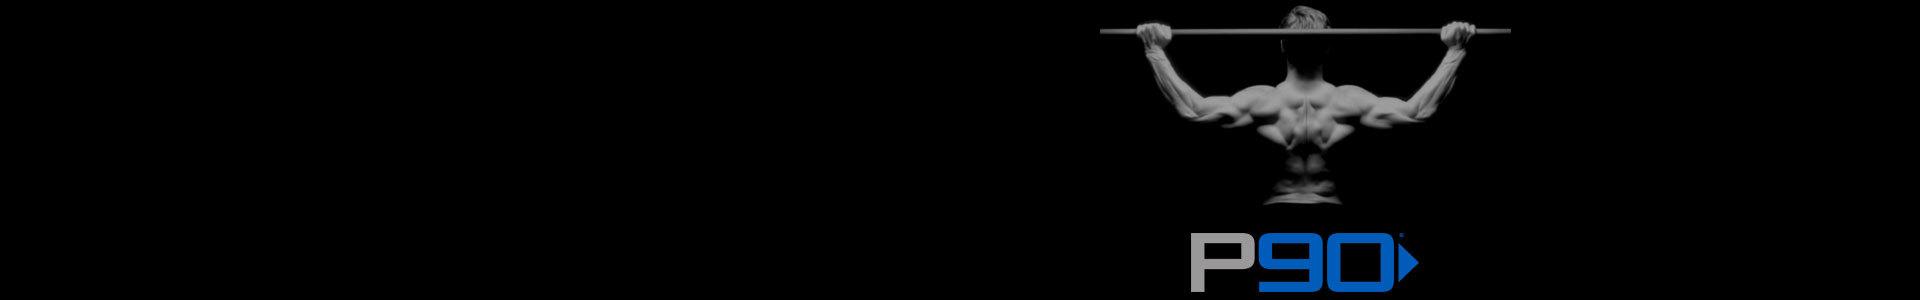 p90-2014 塑型课程